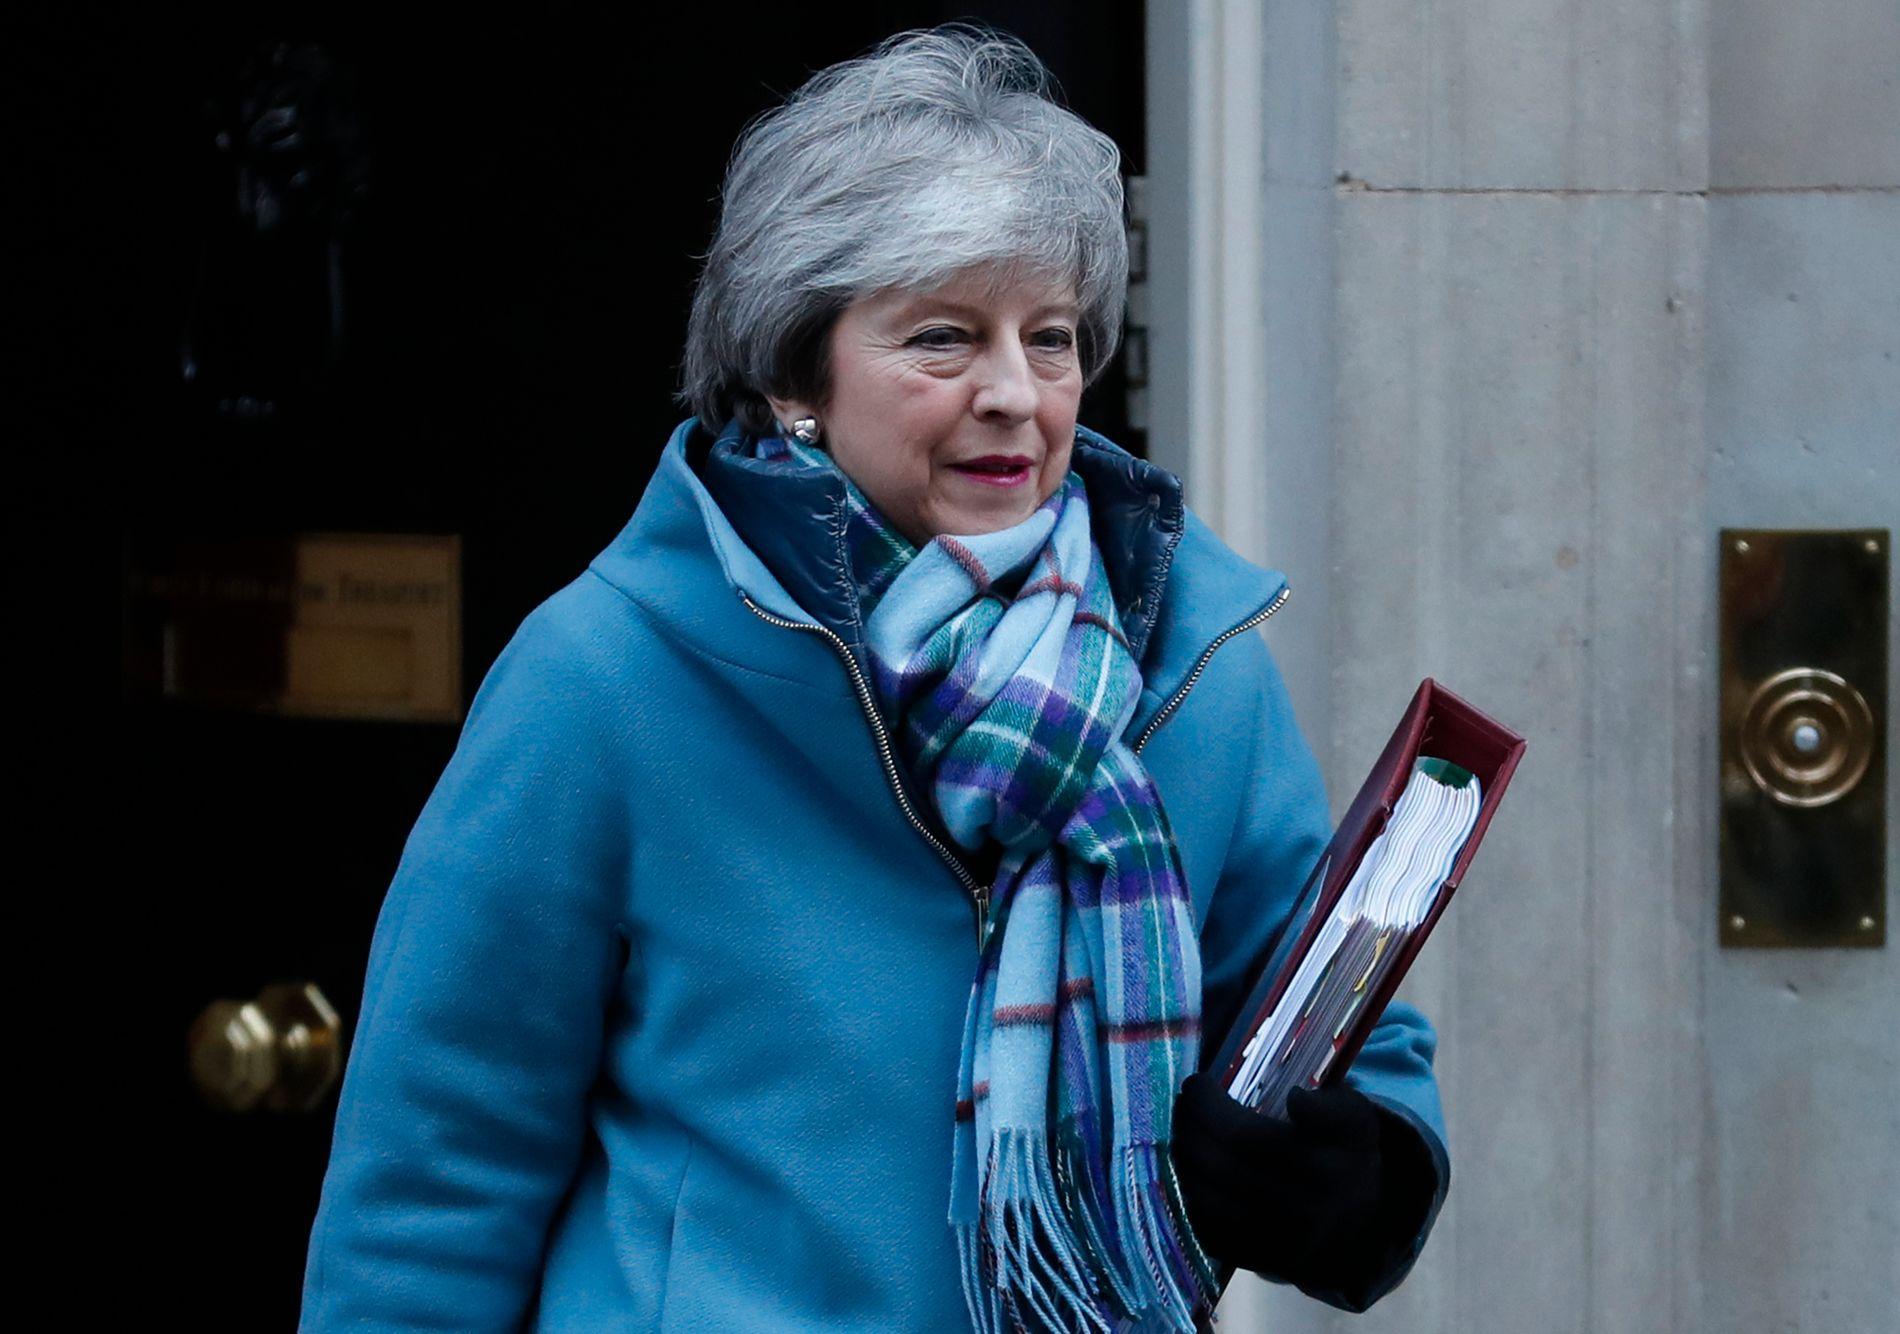 FORHANDLER: Theresa May sier hun ønsker en pragmatisk løsning når hun skal forsøke å forhandle frem en brexitavtale Underhuset kan akseptere.